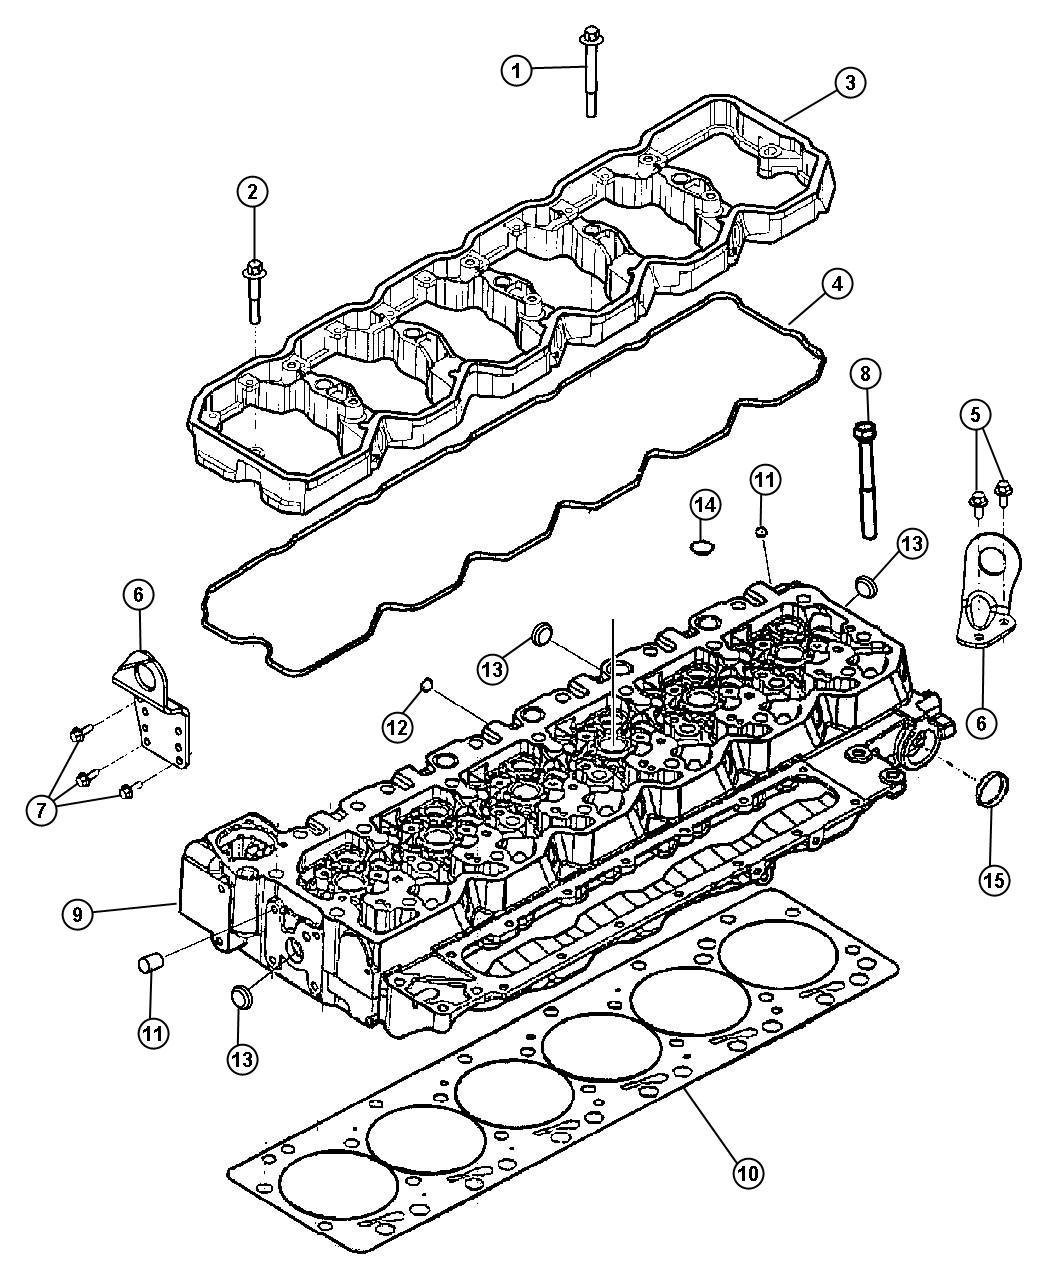 Dodge Ram Head Cylinder Emissions State Transmission